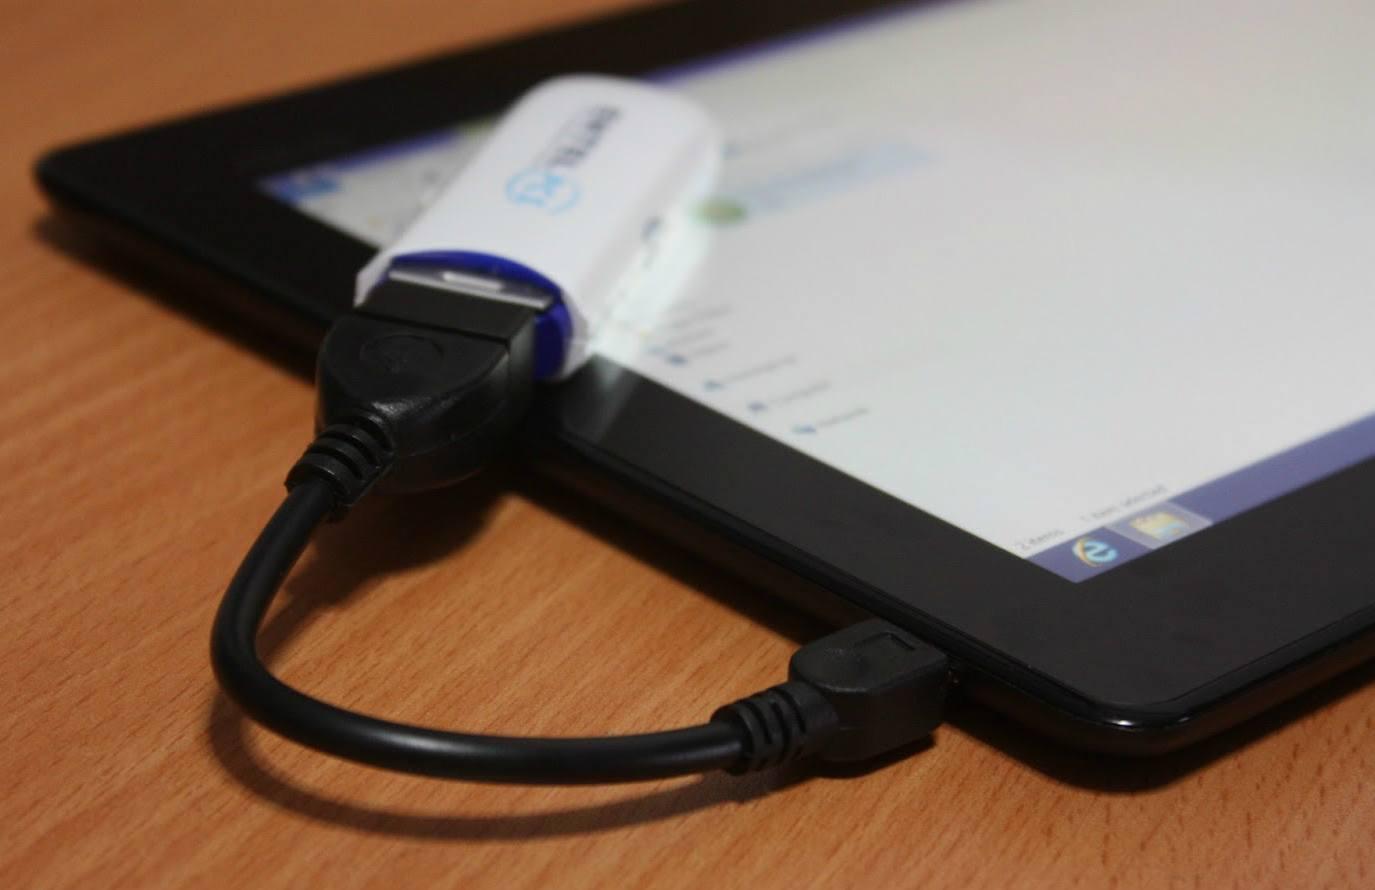 Как подключить телефон как флешку разными способами - Леново 71